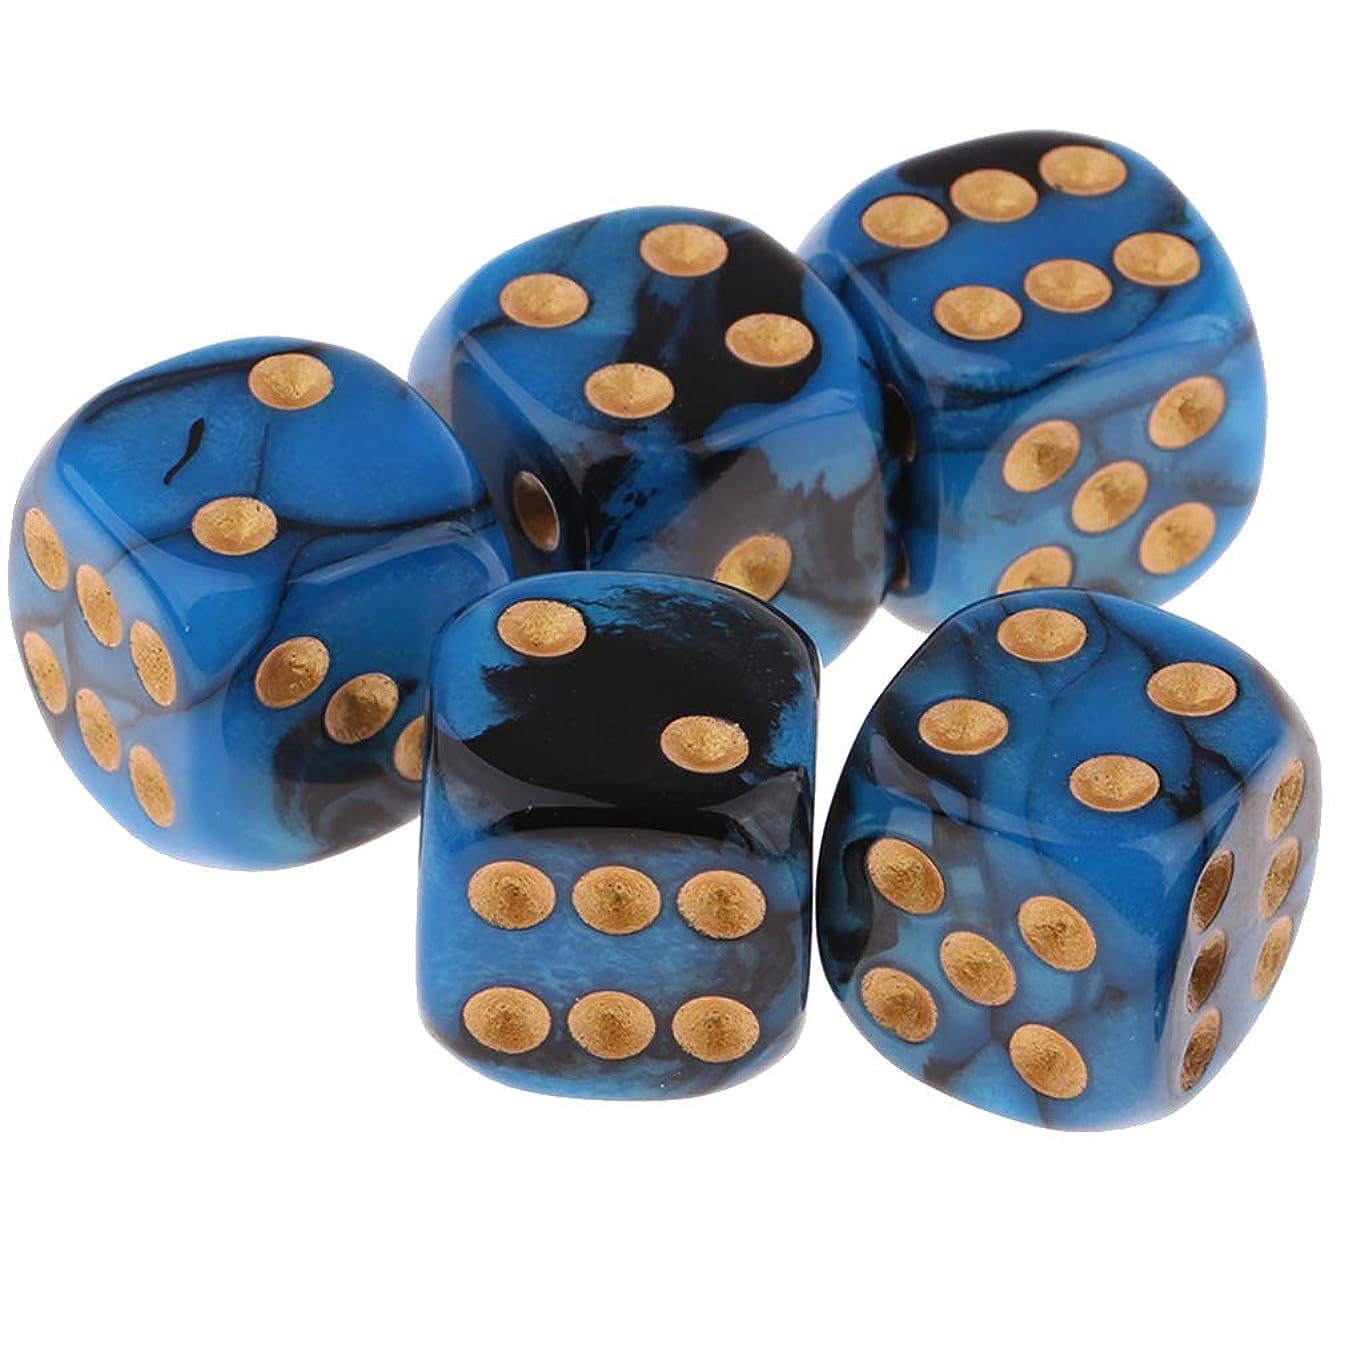 合唱団九ノイズダイス 6面サイコロ テーブルゲーム用 5個 全3選択 - 03